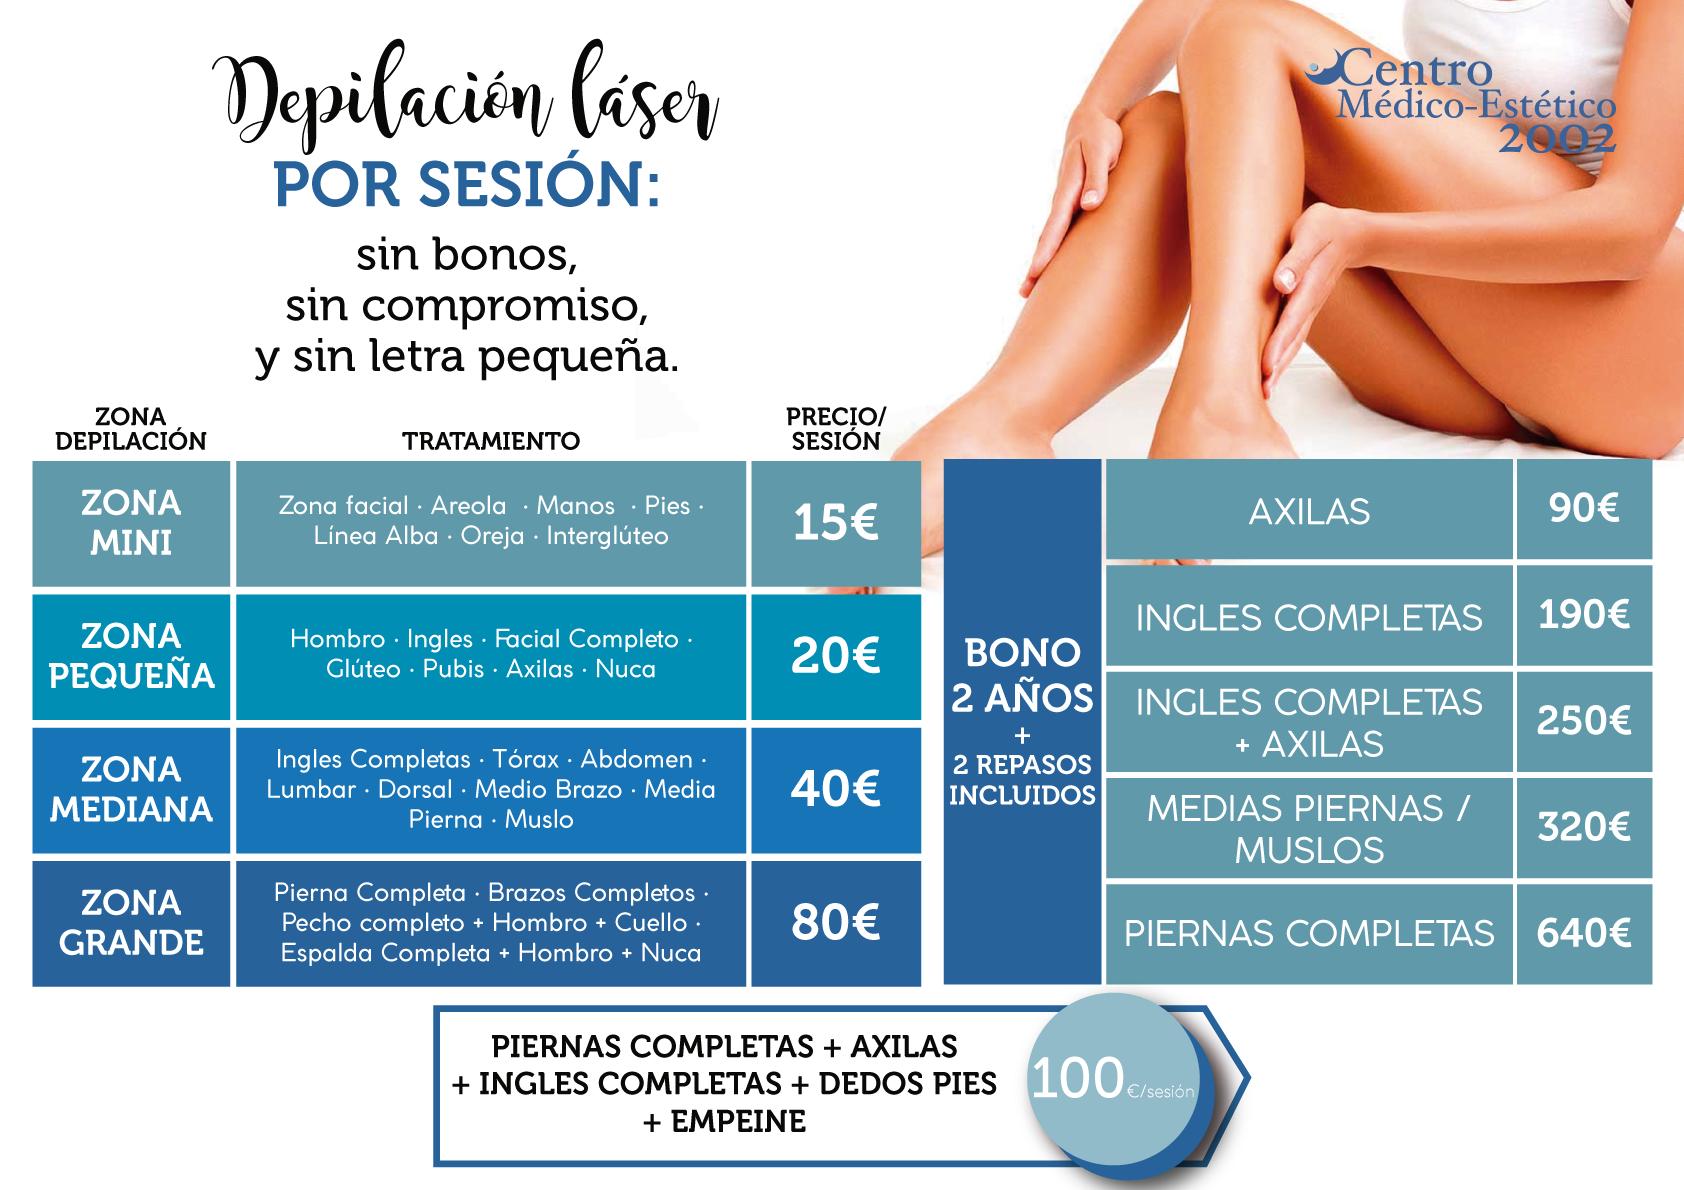 depilación laser precios Málaga